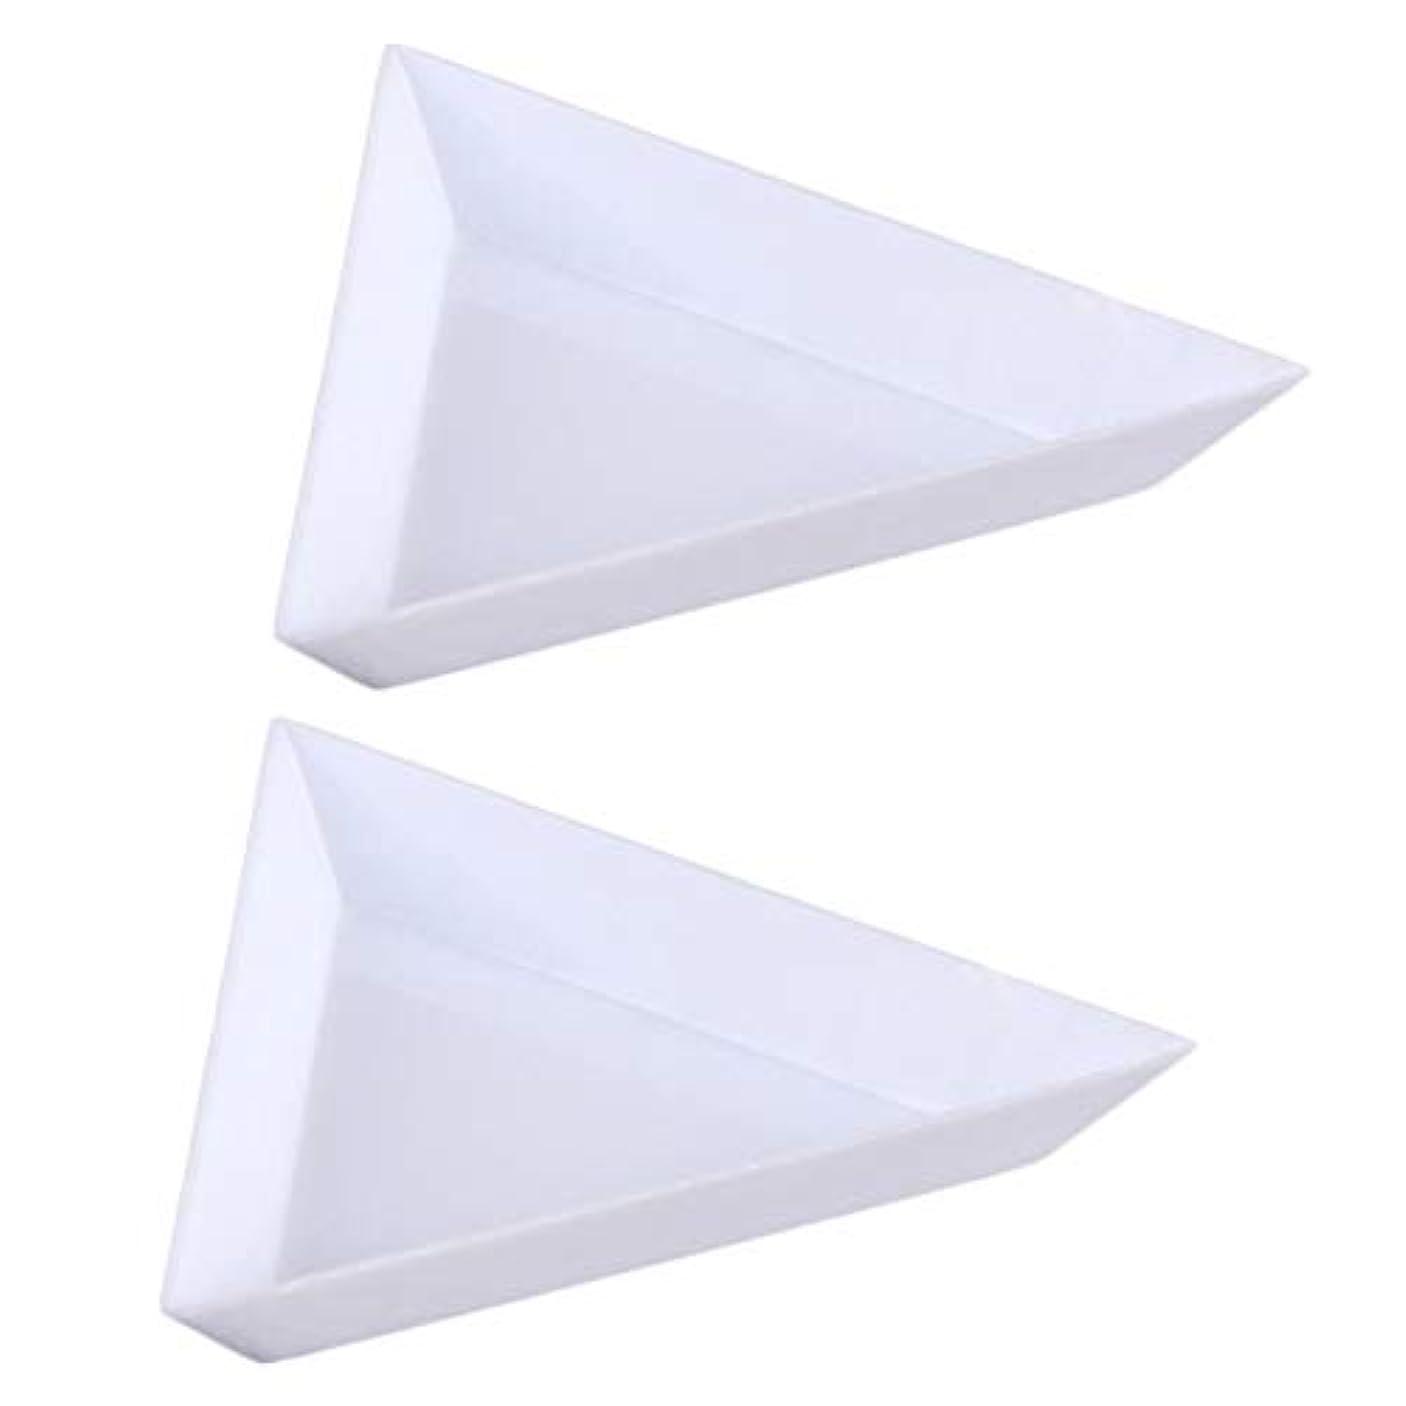 未払い誇り締めるTOOGOO 10個三角コーナープラスチックラインストーンビーズ 結晶 ネイルアートソーティングトレイアクセサリー白 DiyネイルアートデコレーションDotting収納トレイ オーガニゼーションに最適